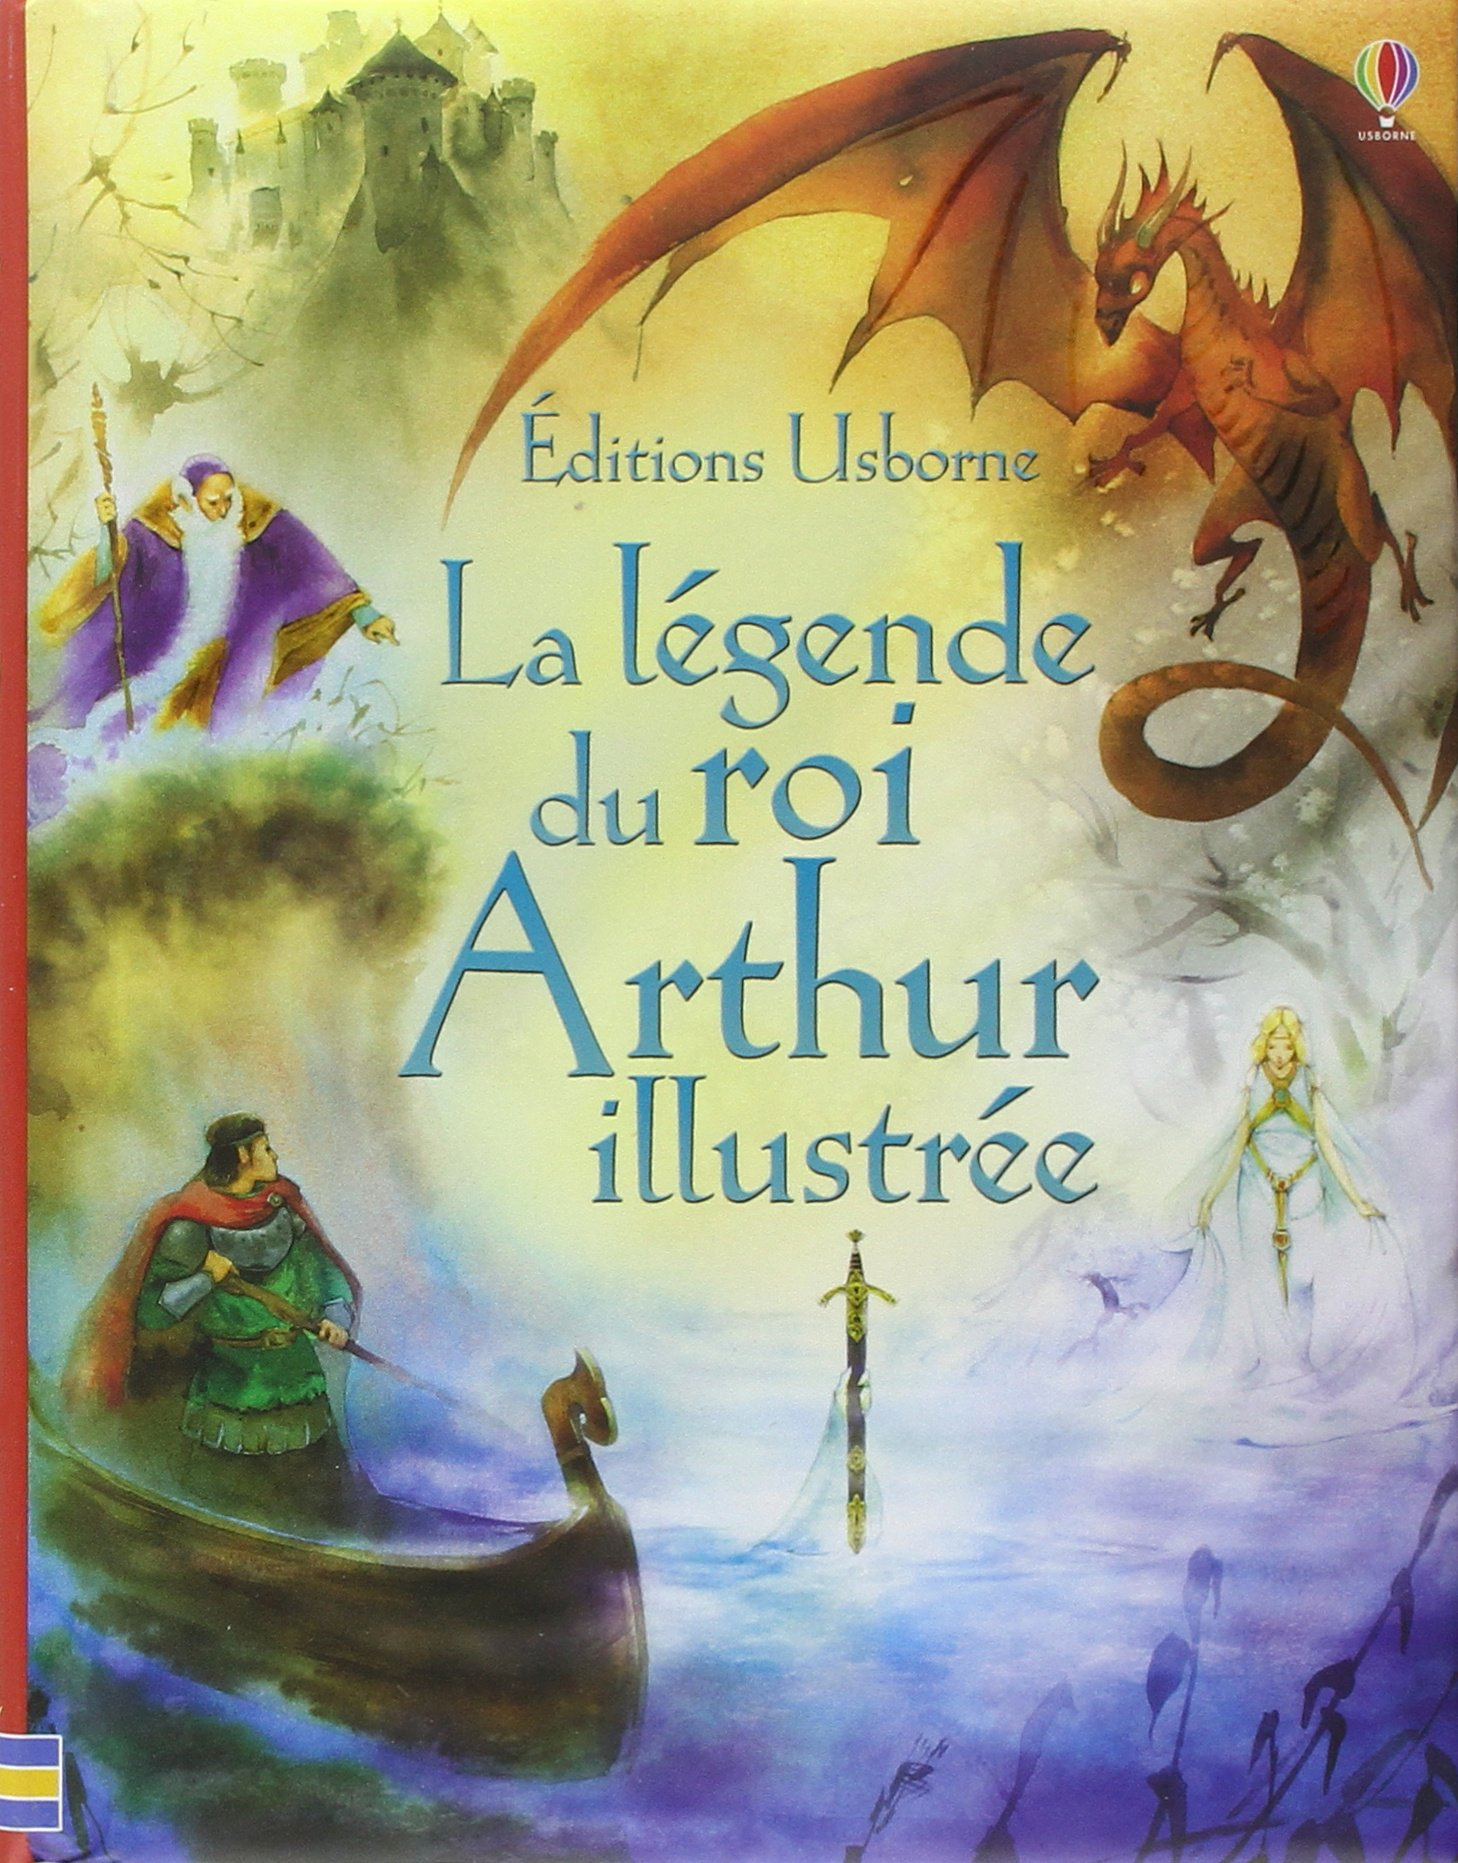 La l gende du roi arthur illustr e sarah courtauld - Les chevaliers de la table ronde resume ...